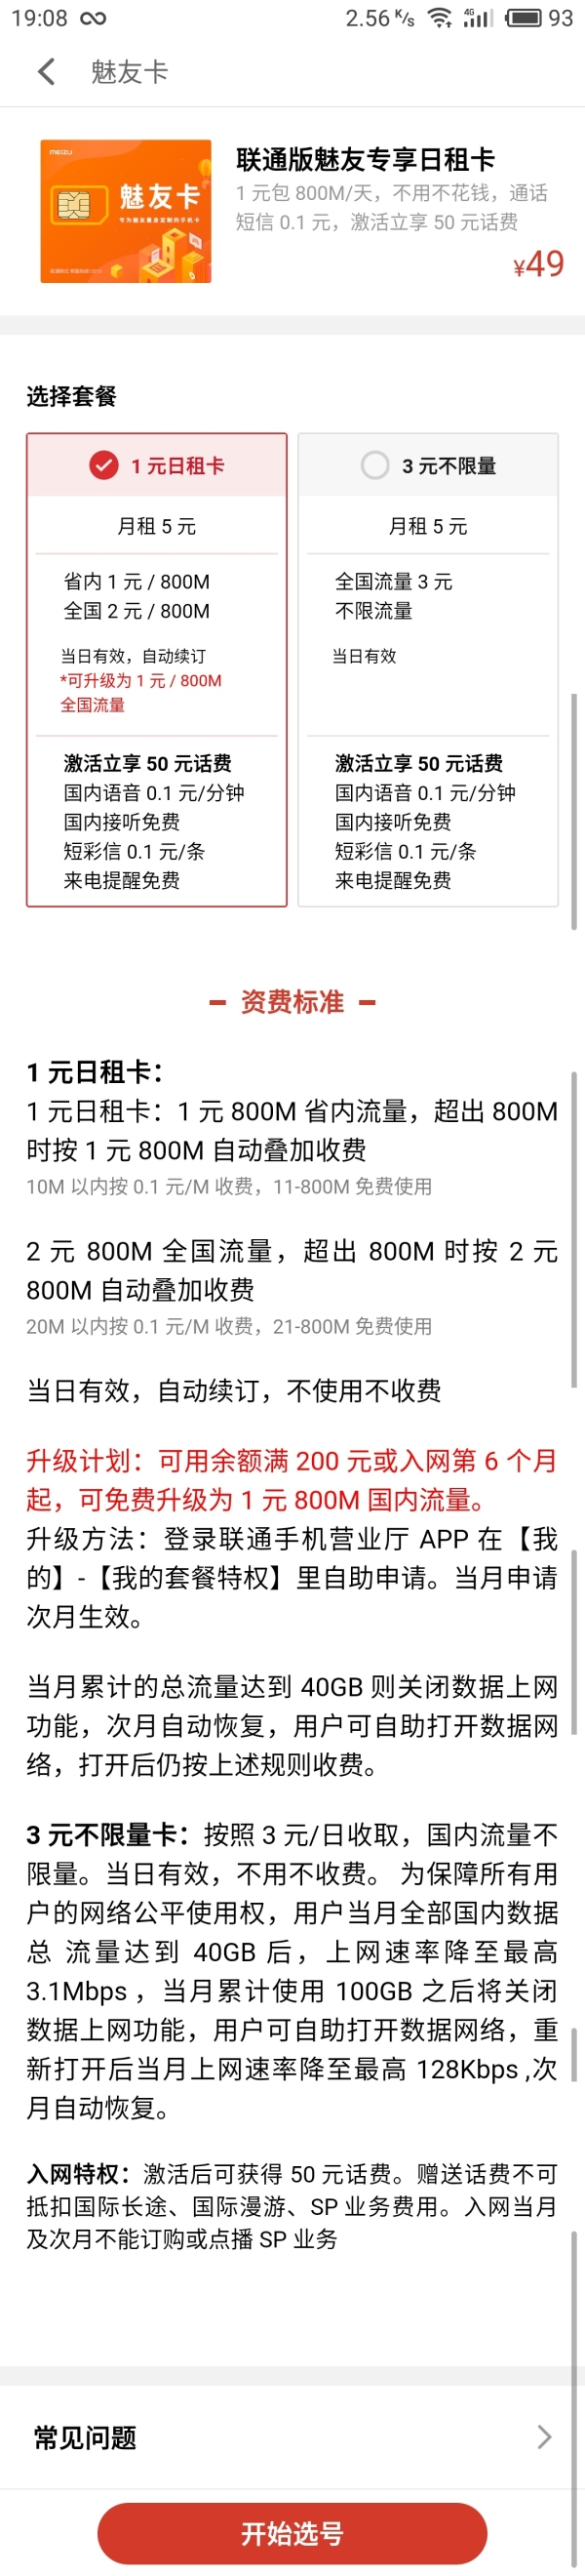 中国联通推出魅友日租卡:1元800MB省内流量 3元不限流量